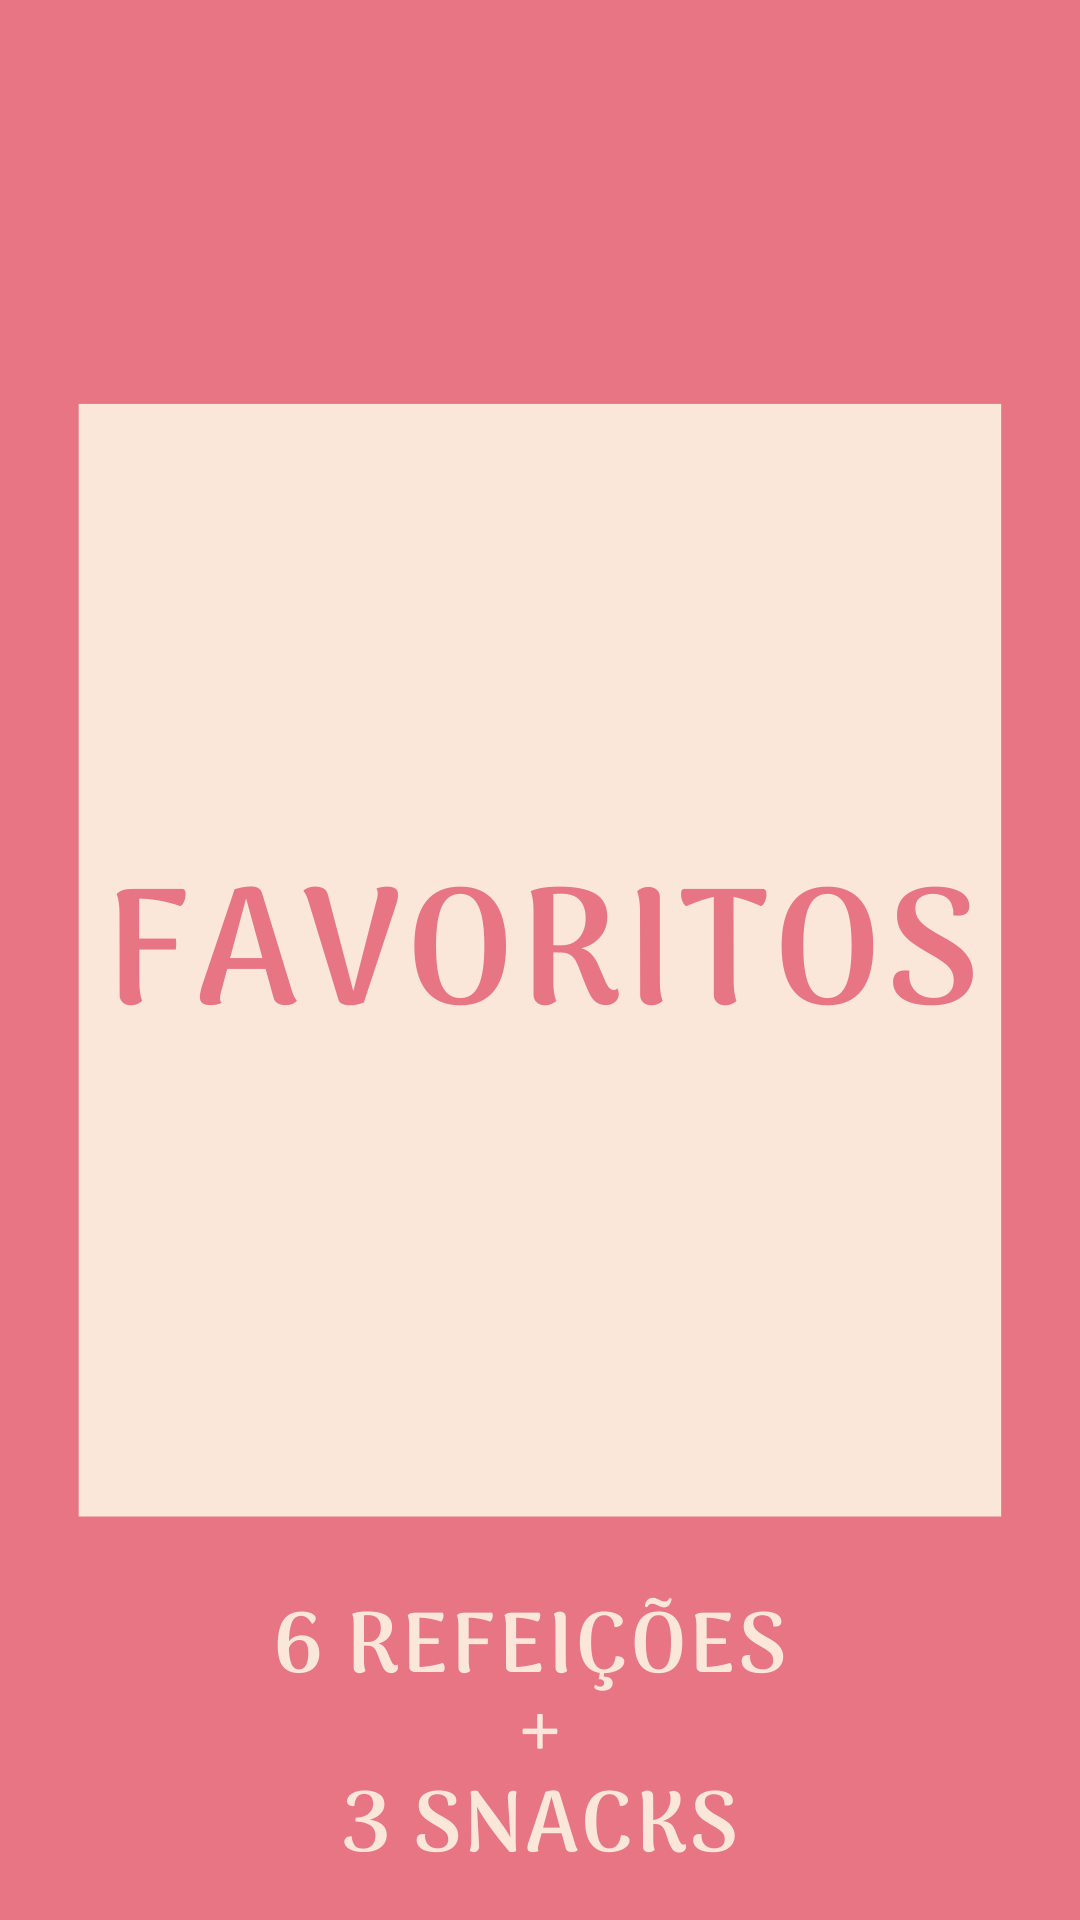 Kit Favoritos - 6 refeições + 3 snacks